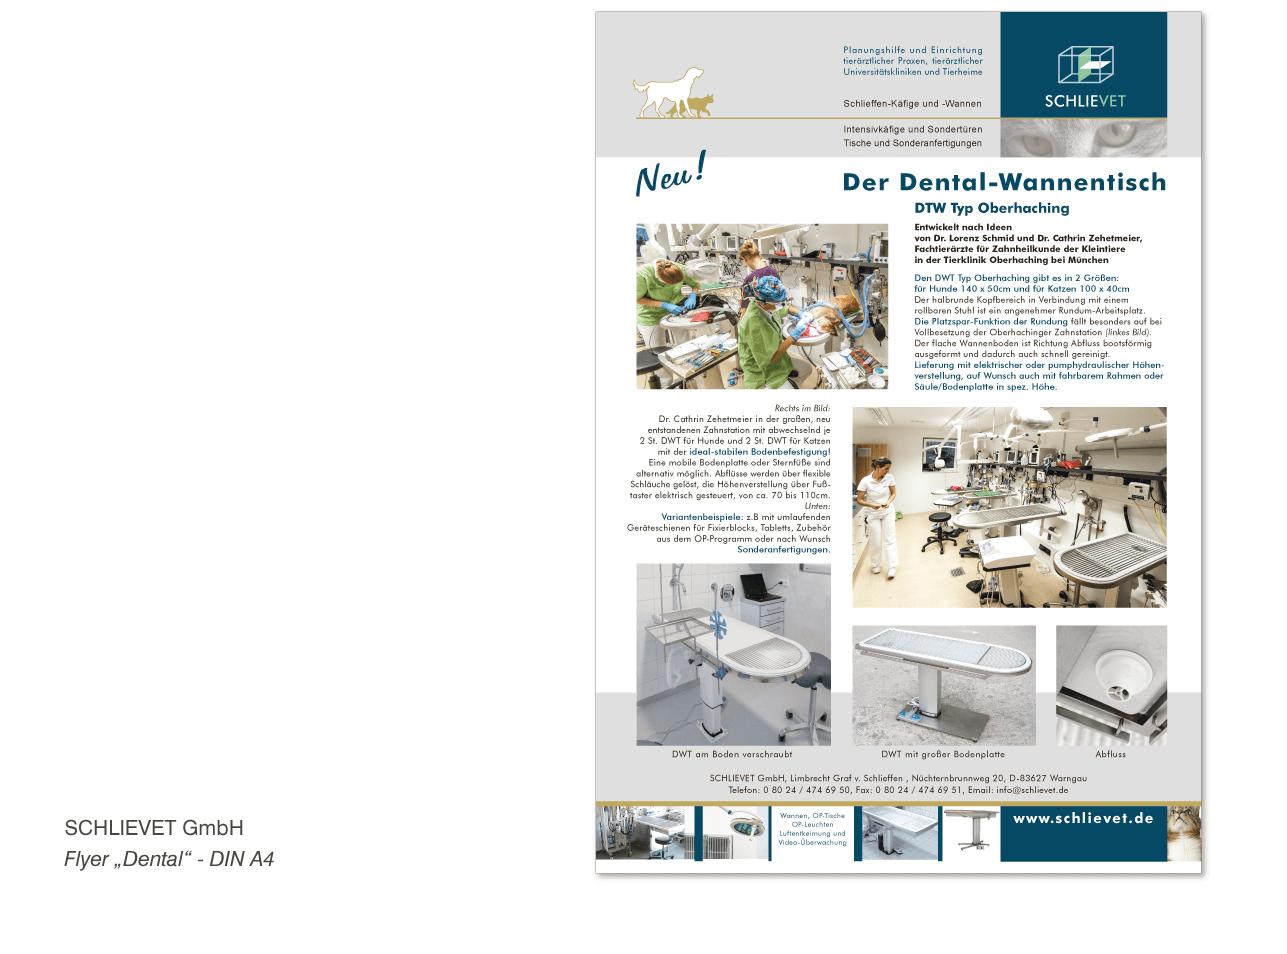 """SCHLIEVET GmbH - Werbeflyer """"Dental"""" - DIN A4"""